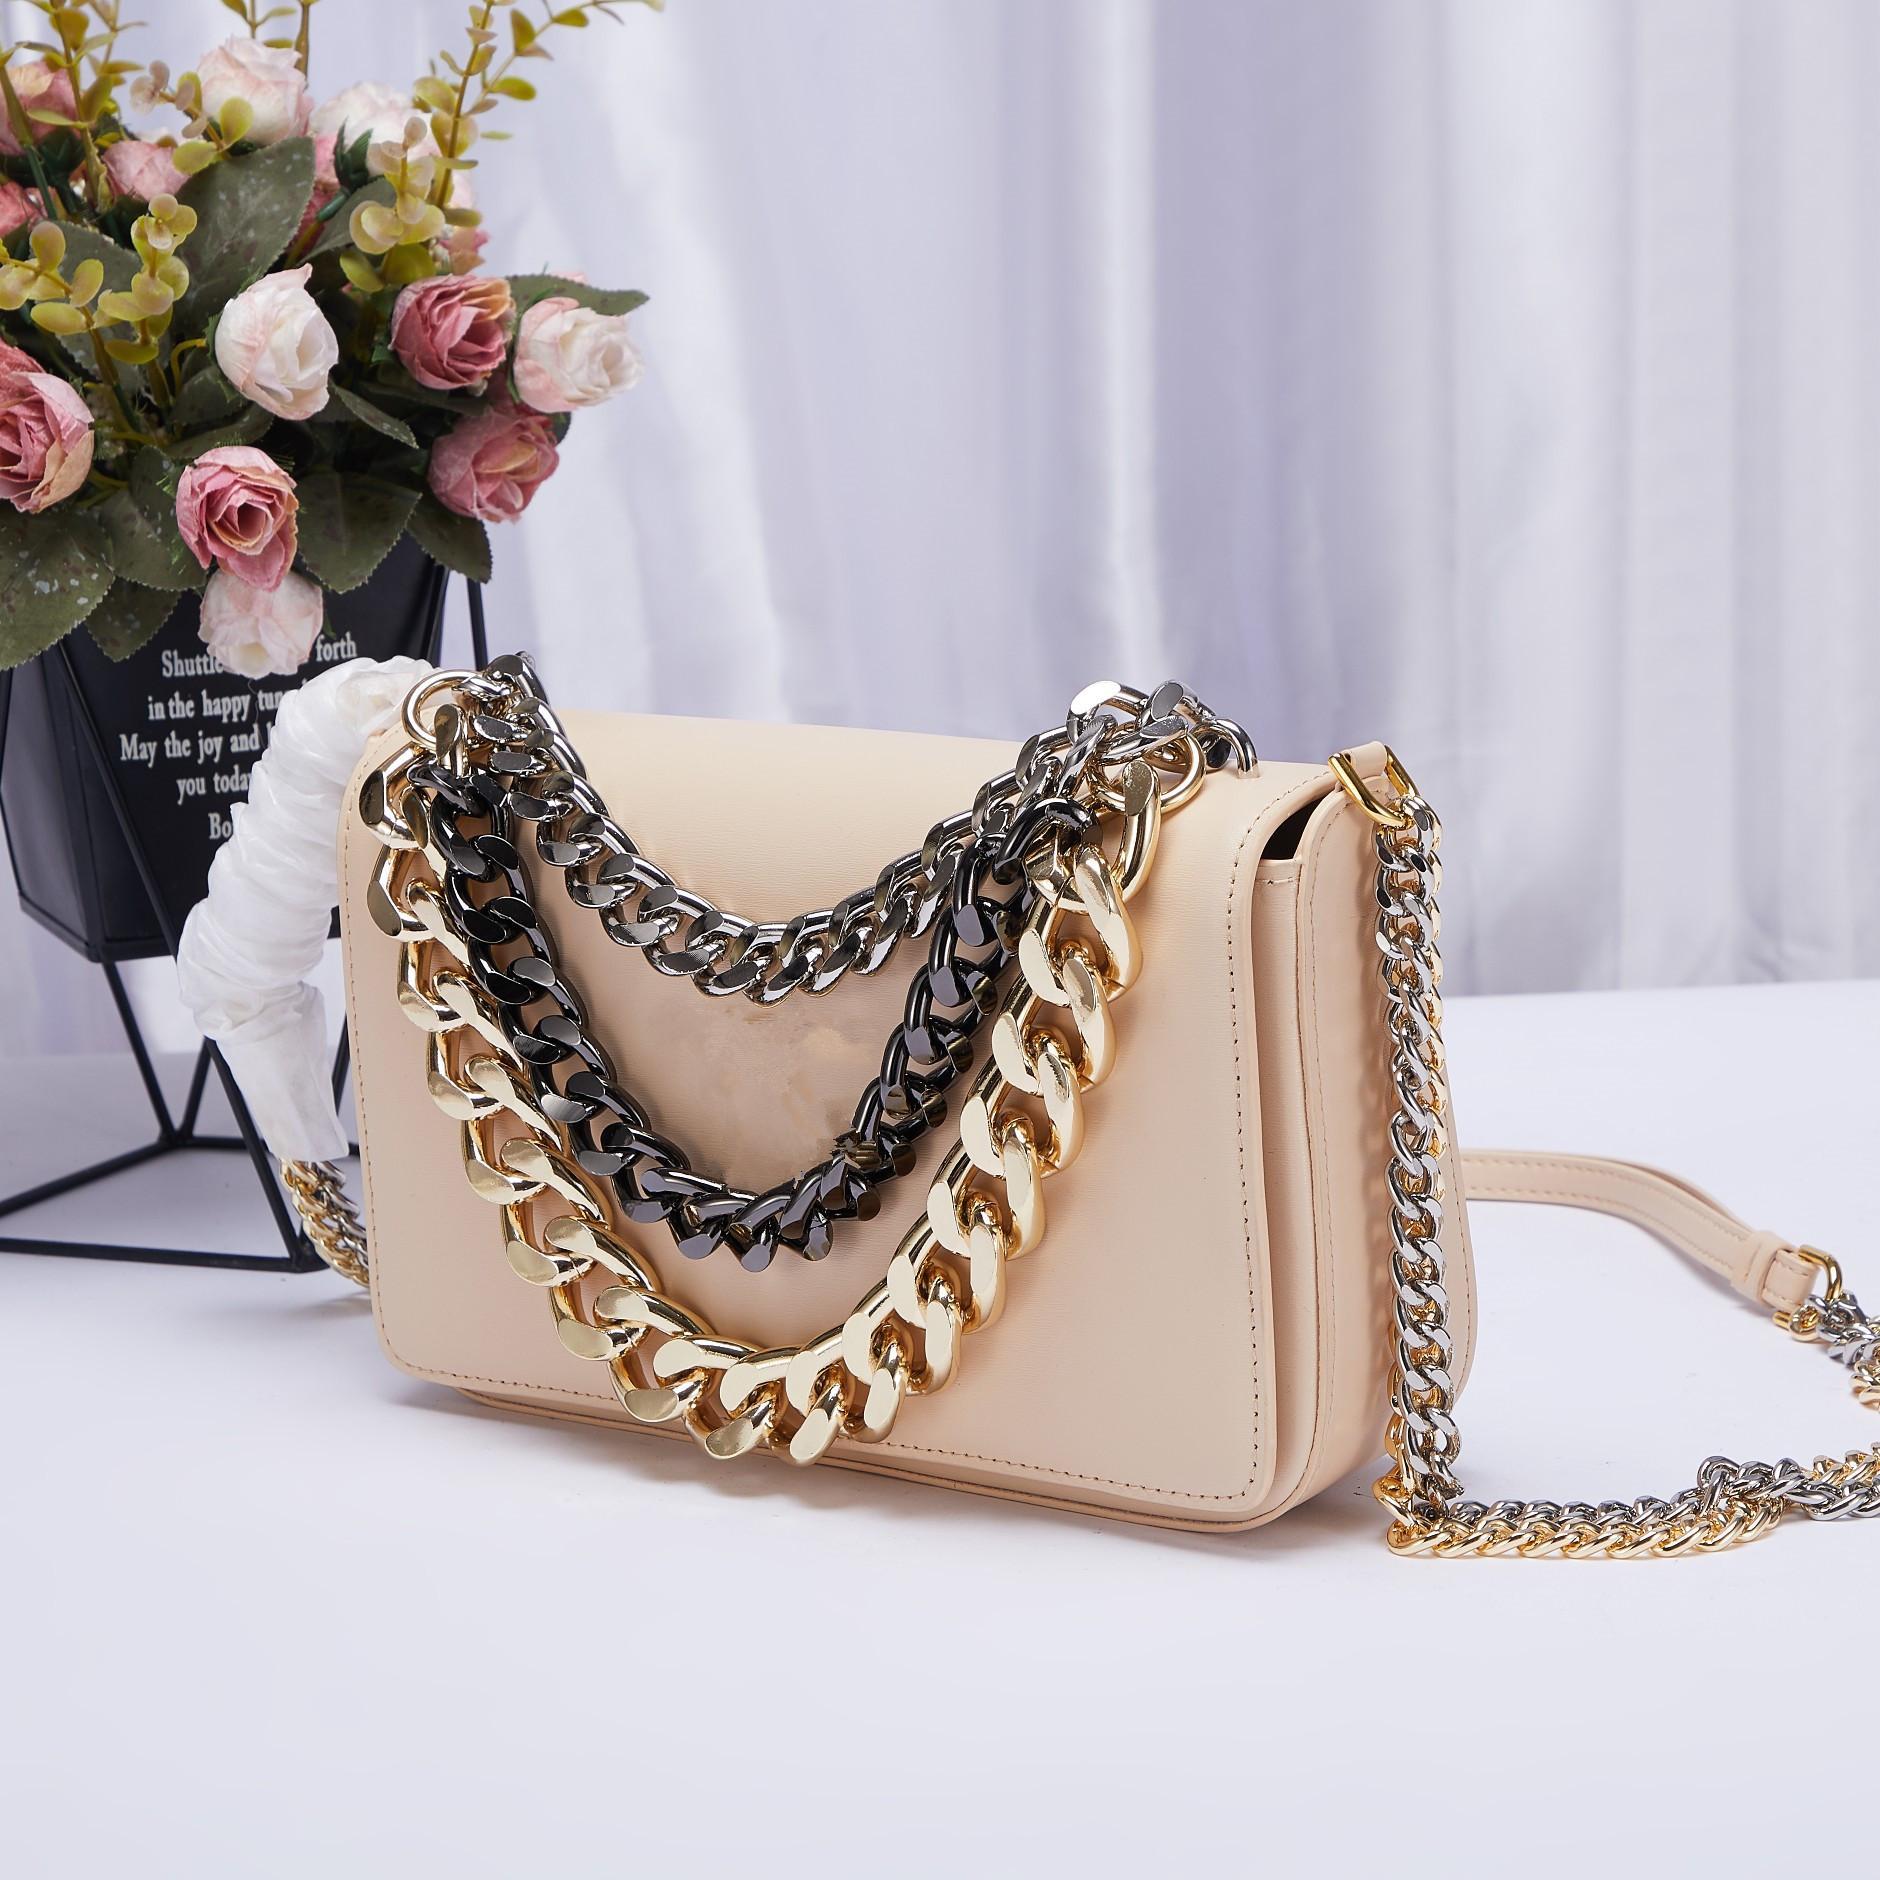 2021 Yeni moda basit atmosferik zincir çanta ile üç renkli zincir moda tam deri malzeme 774682 boyutu 24 cm